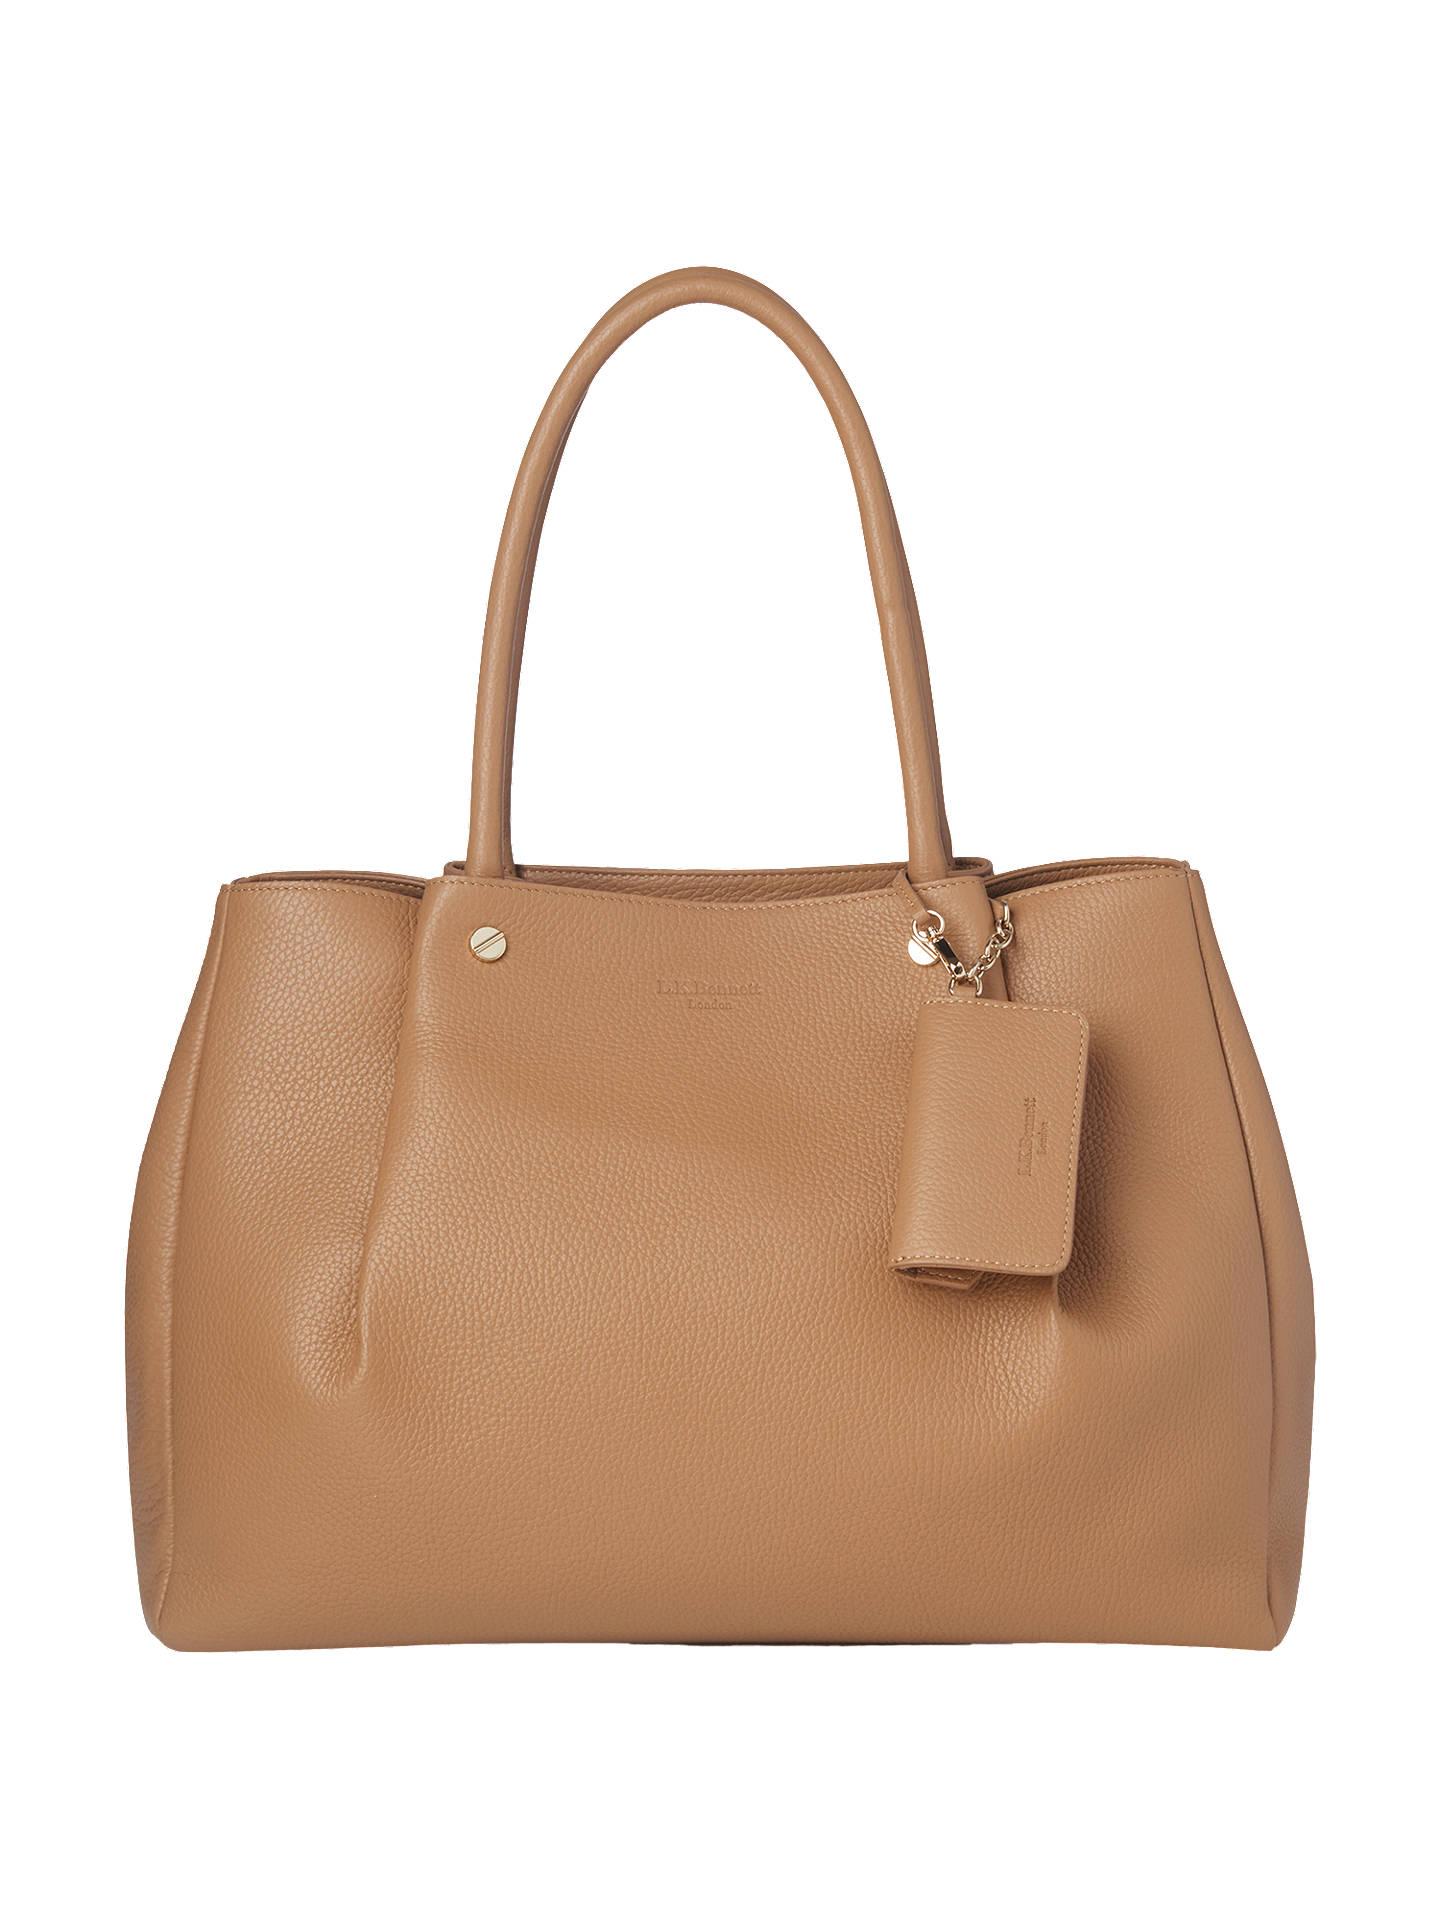 0f0b0017679d Buy L.K.Bennett Regan Leather Tote Bag